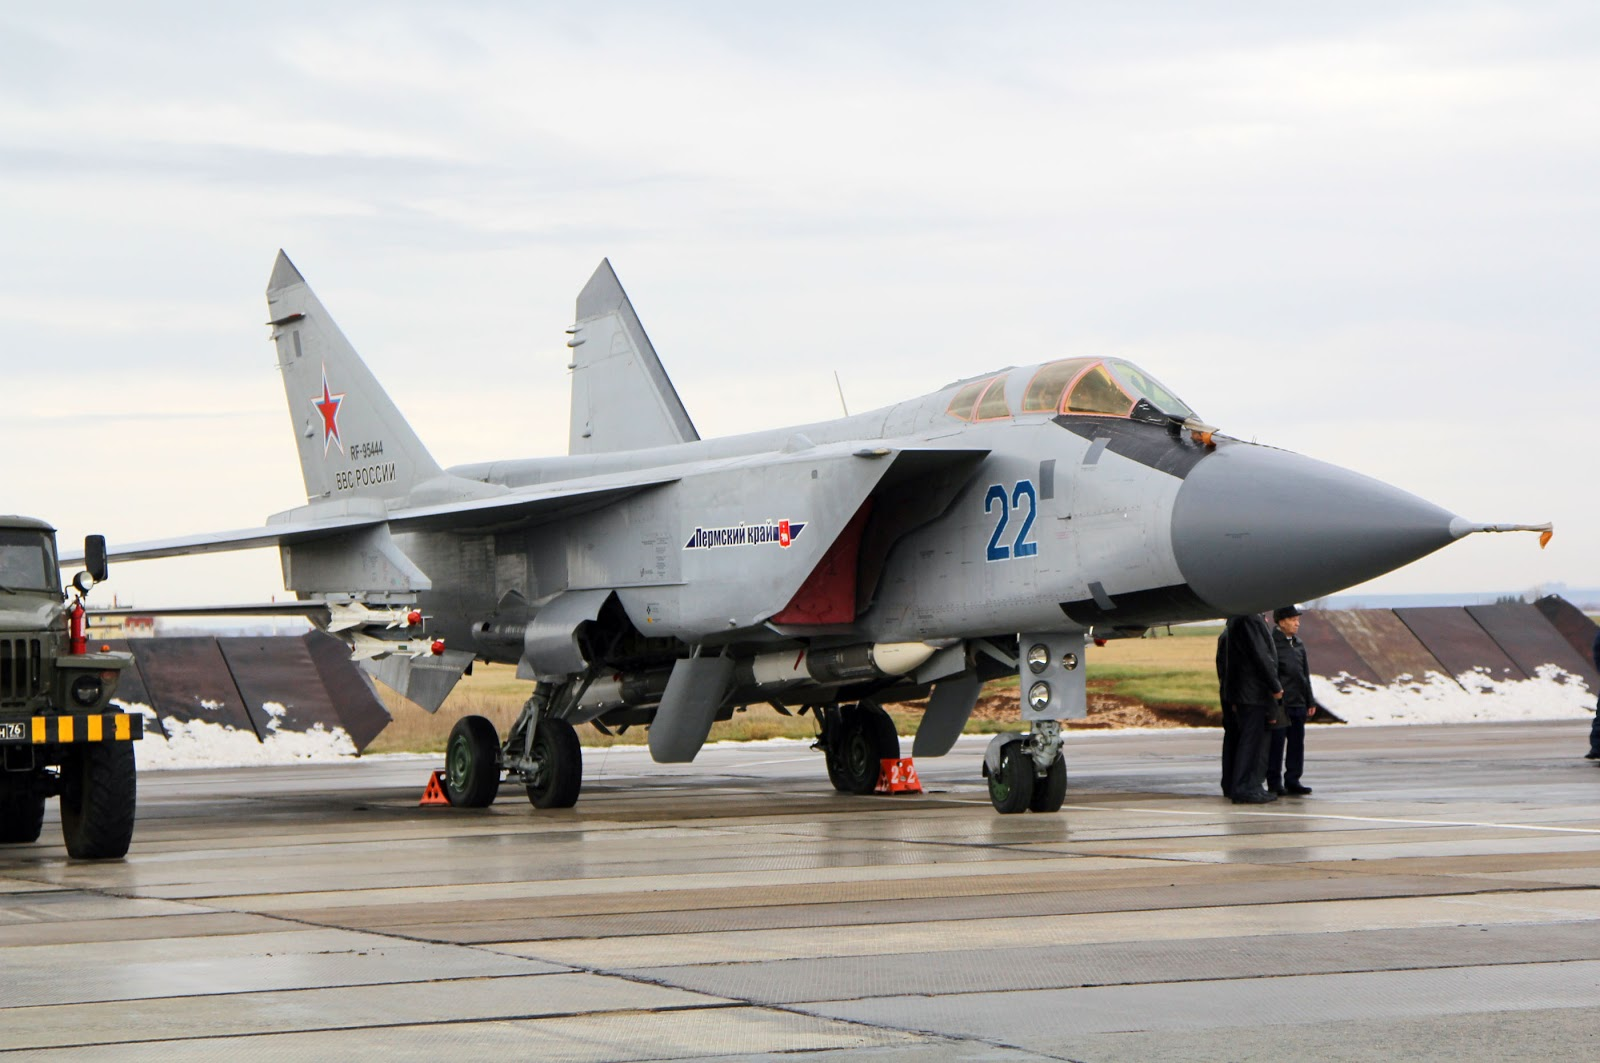 Fuerzas Armadas de la Federación Rusa - Página 3 MIG-31+22+PERM+2+12-2012